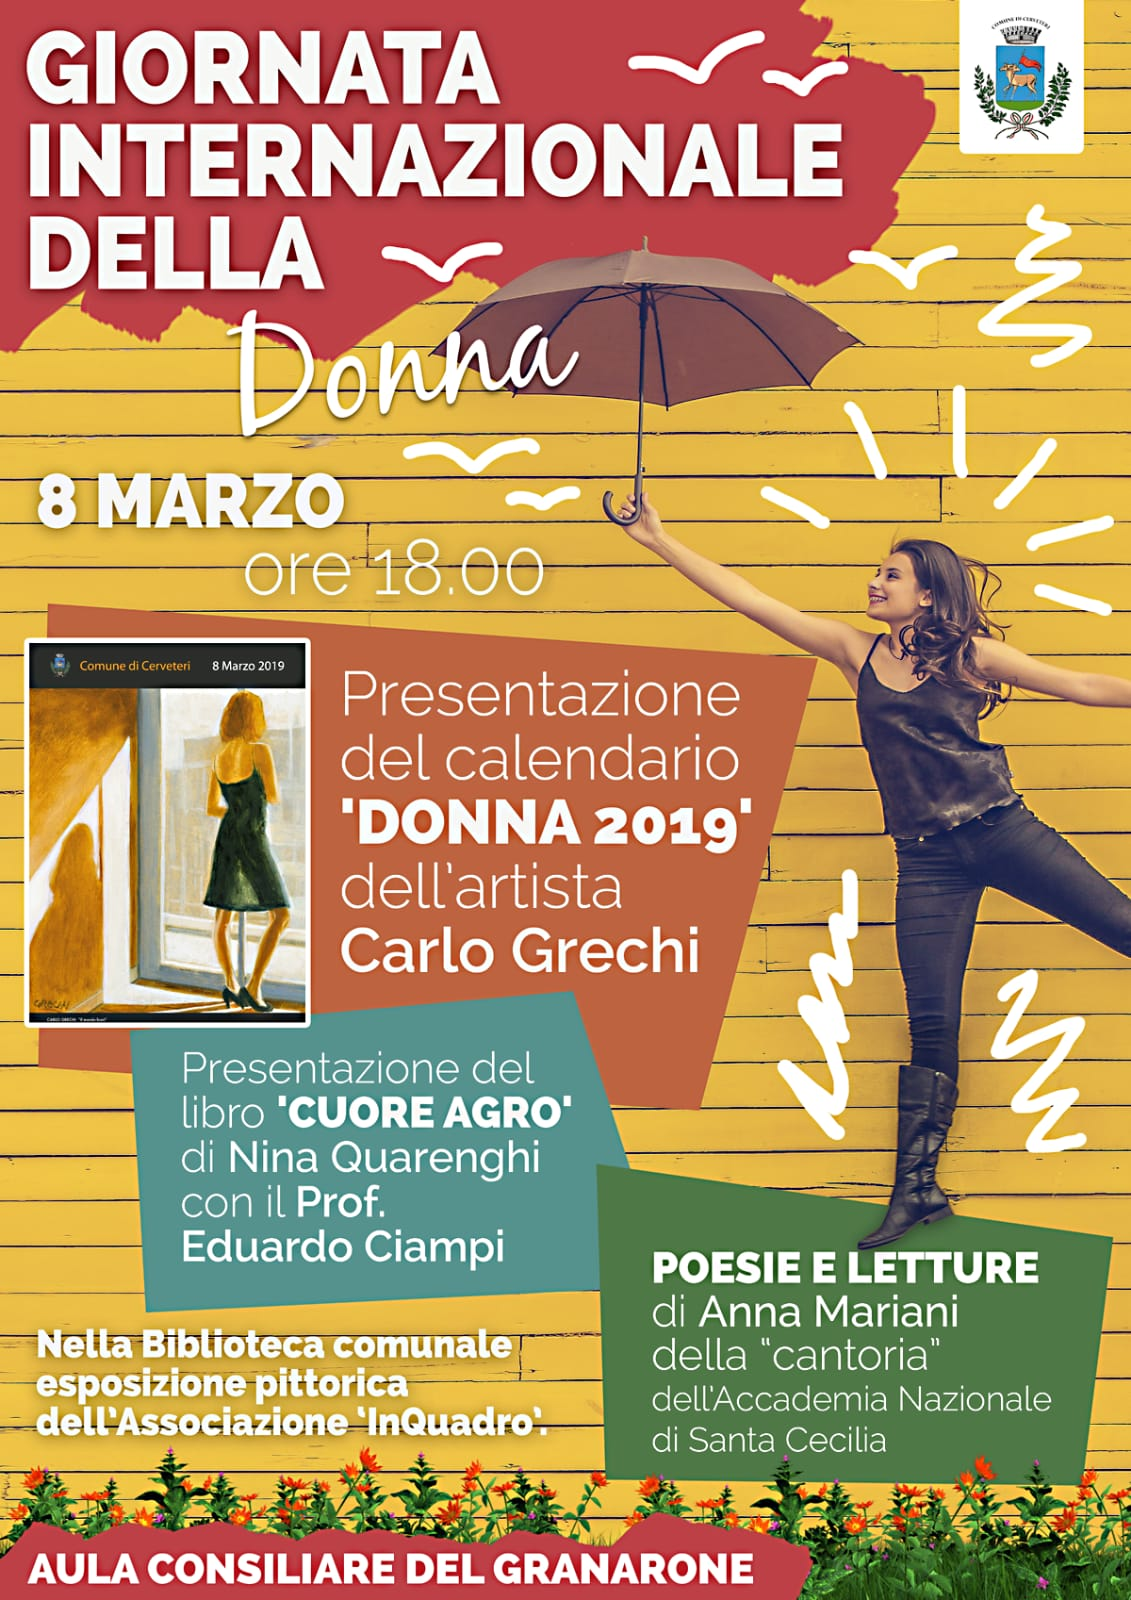 L'artista Carlo Grechi presenta il calendario dedicato alla Donna